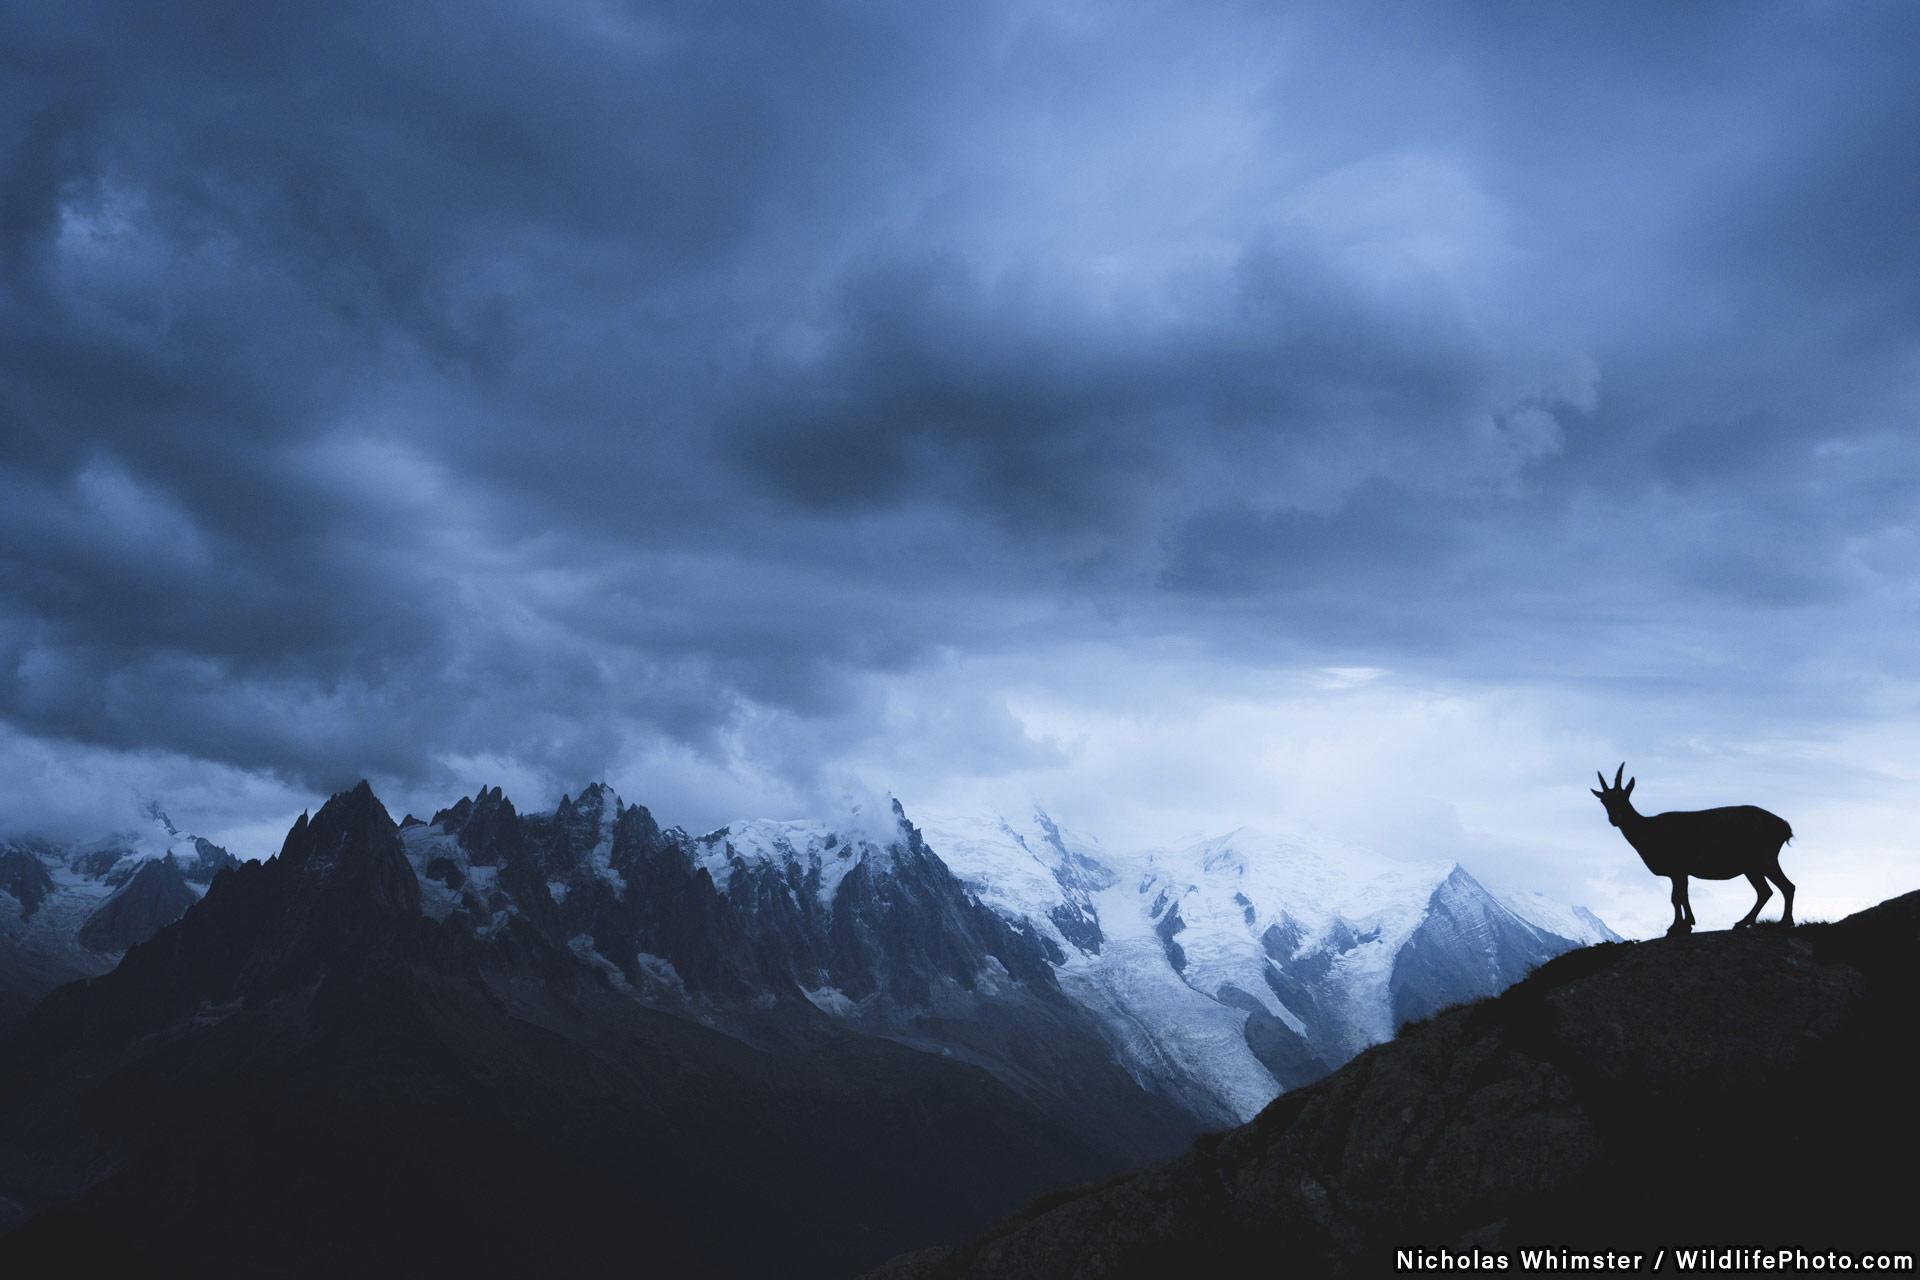 Козерог перед Монбланским массивом, © Николас Уистлер, Высокая оценка, Фотоконкурс «Места обитания и ландшафты»